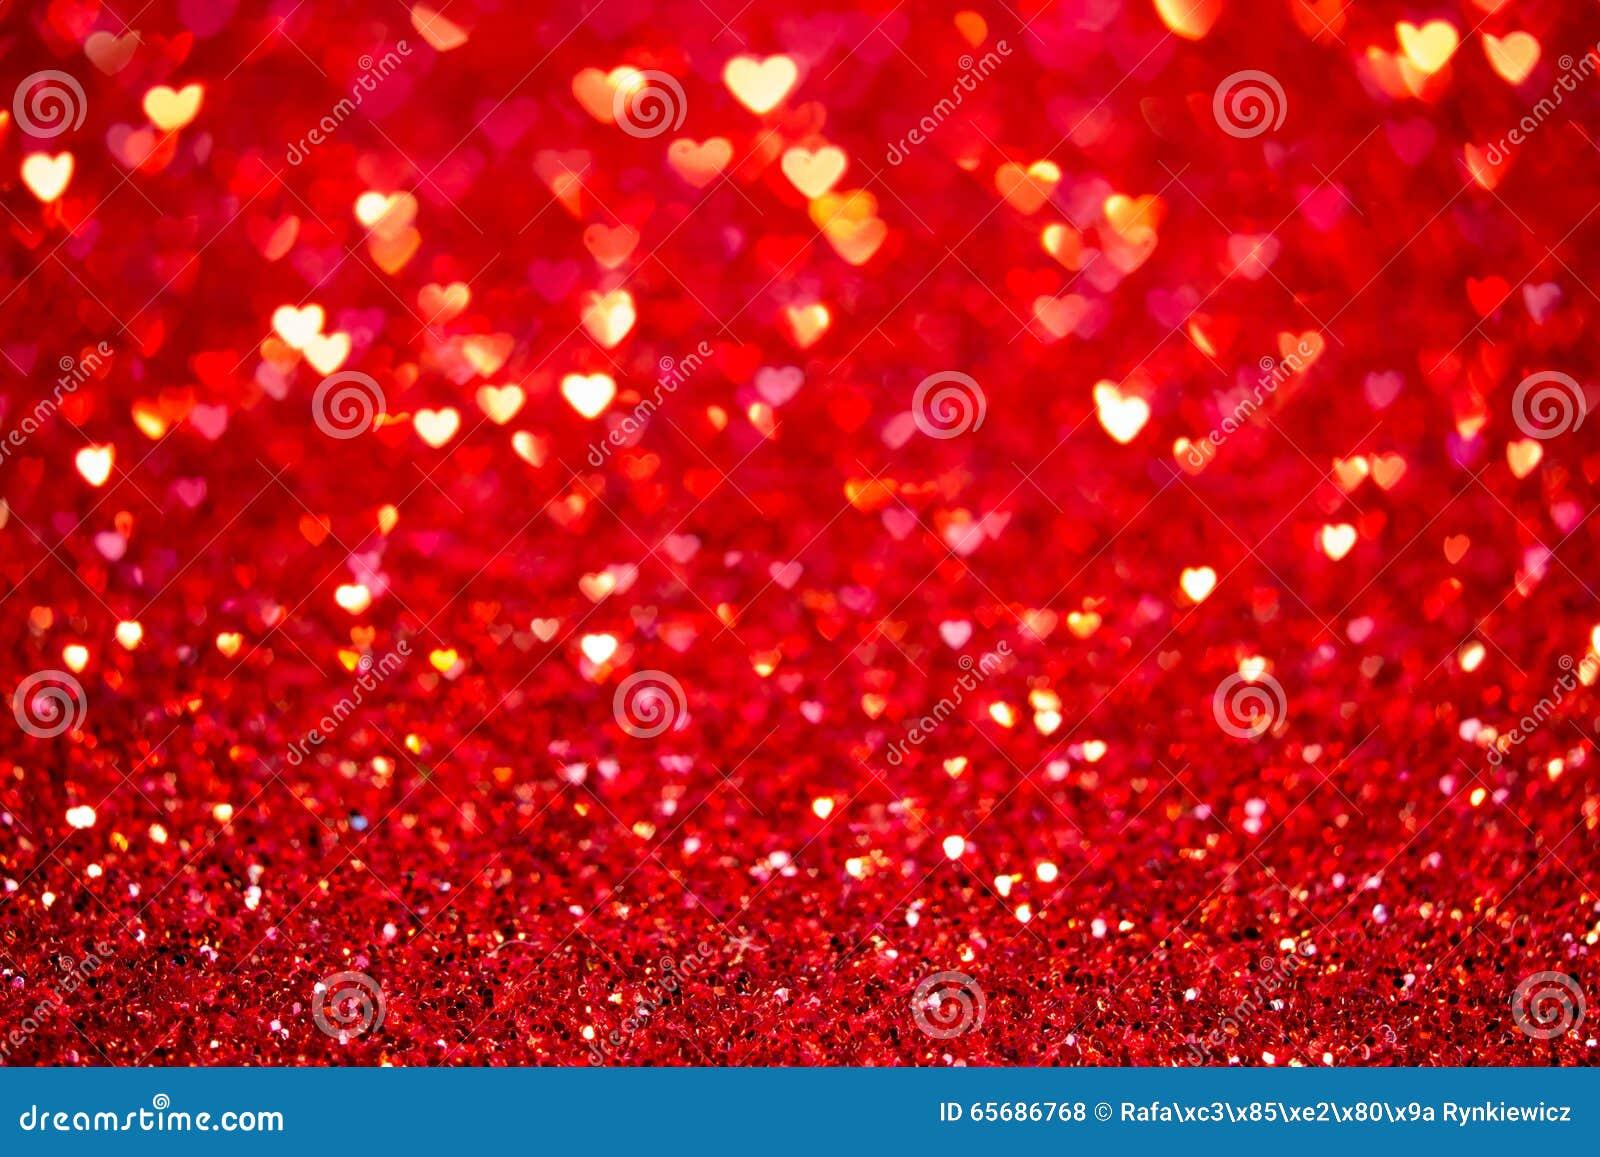 Fondo rosso del bokeh del cuore Struttura di giorno di biglietti di S. Valentino